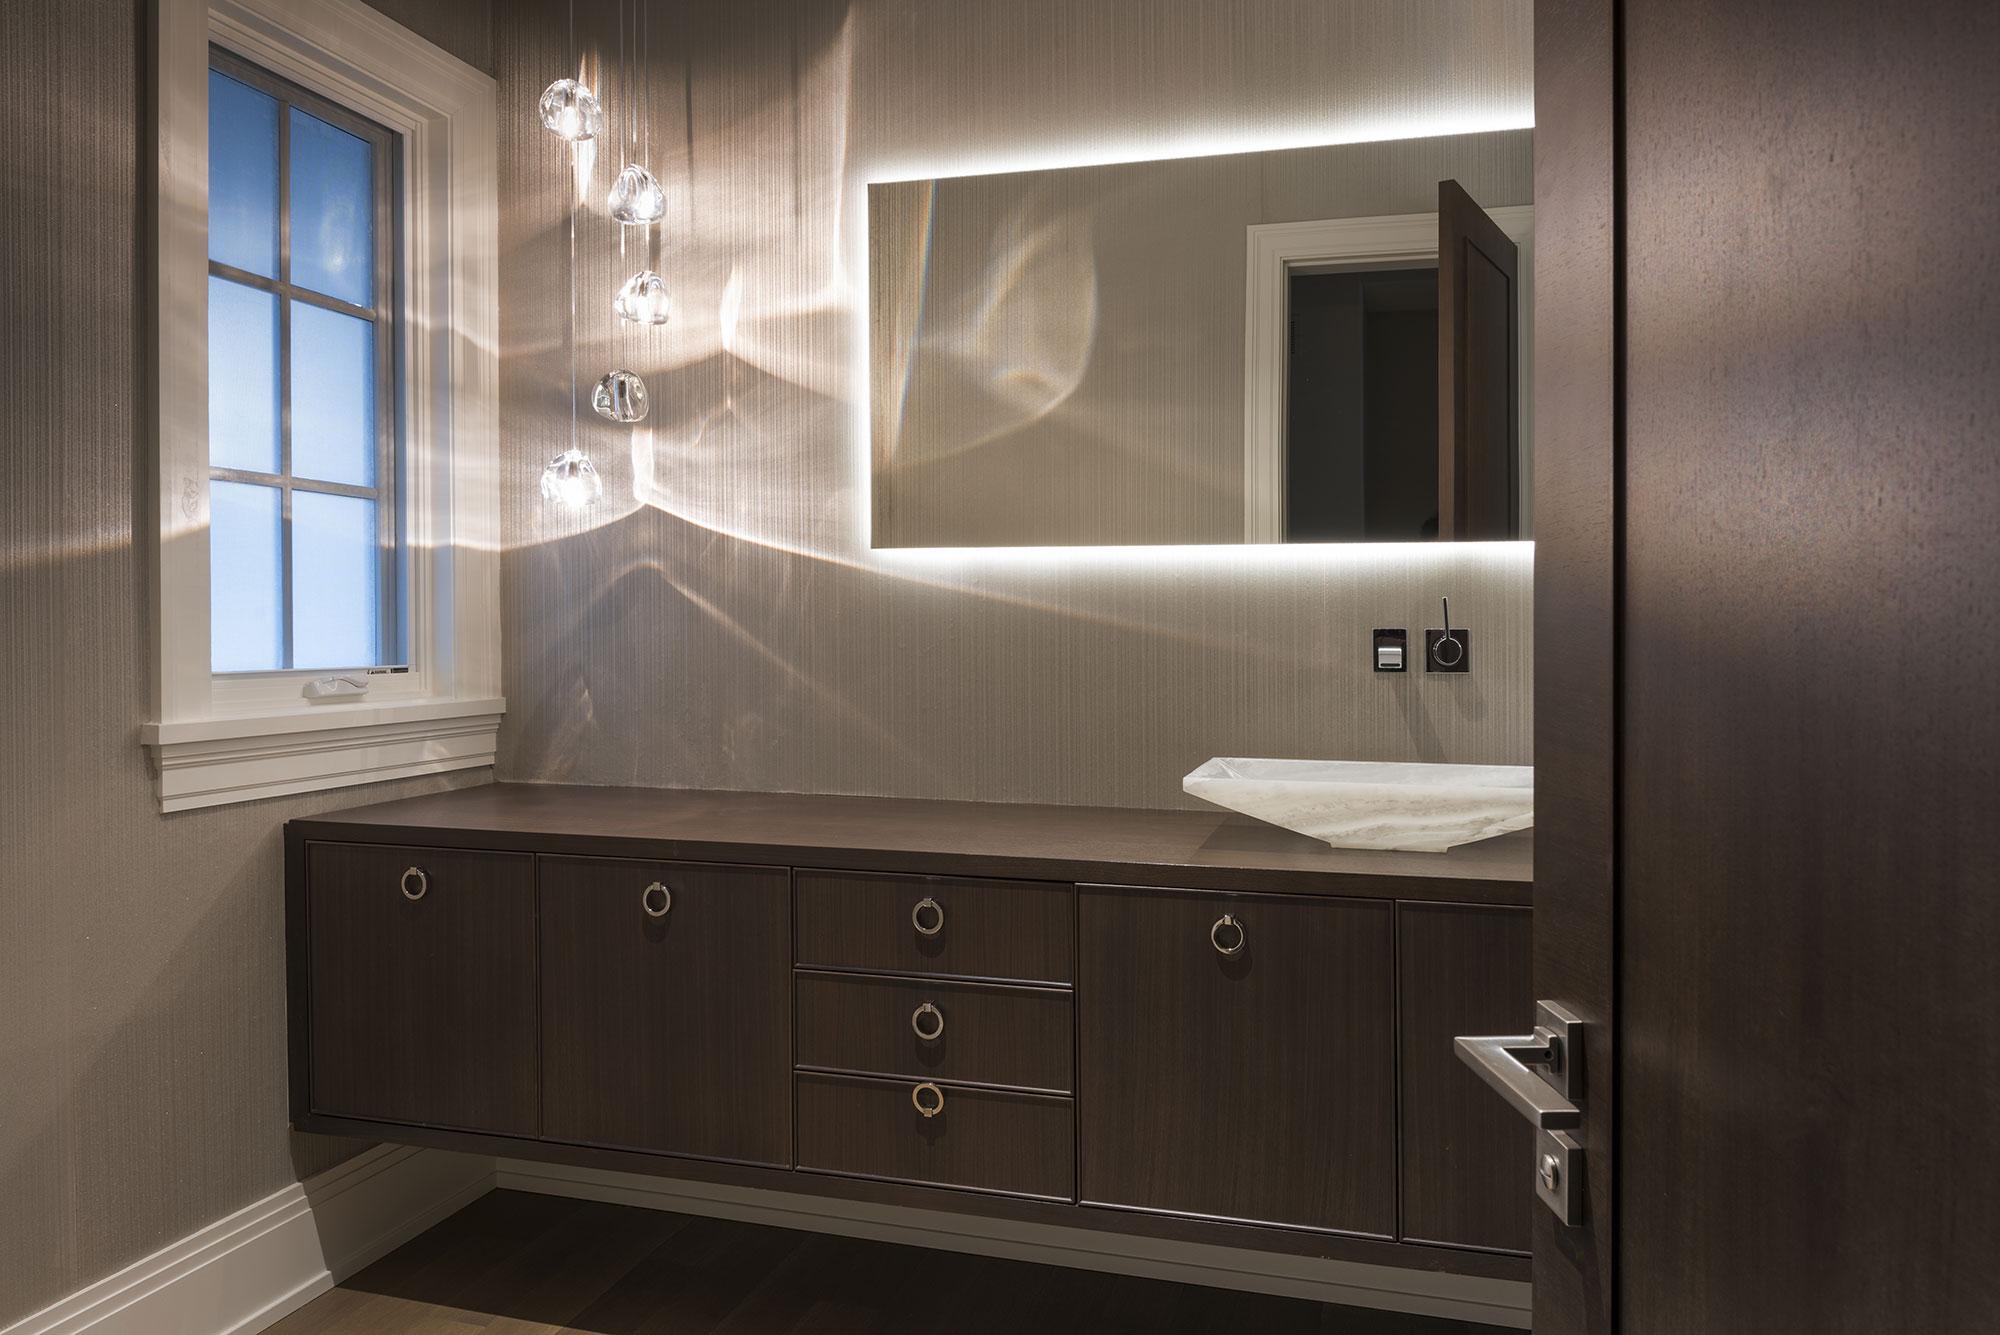 Powder Room Open Door Modern Style Vanity